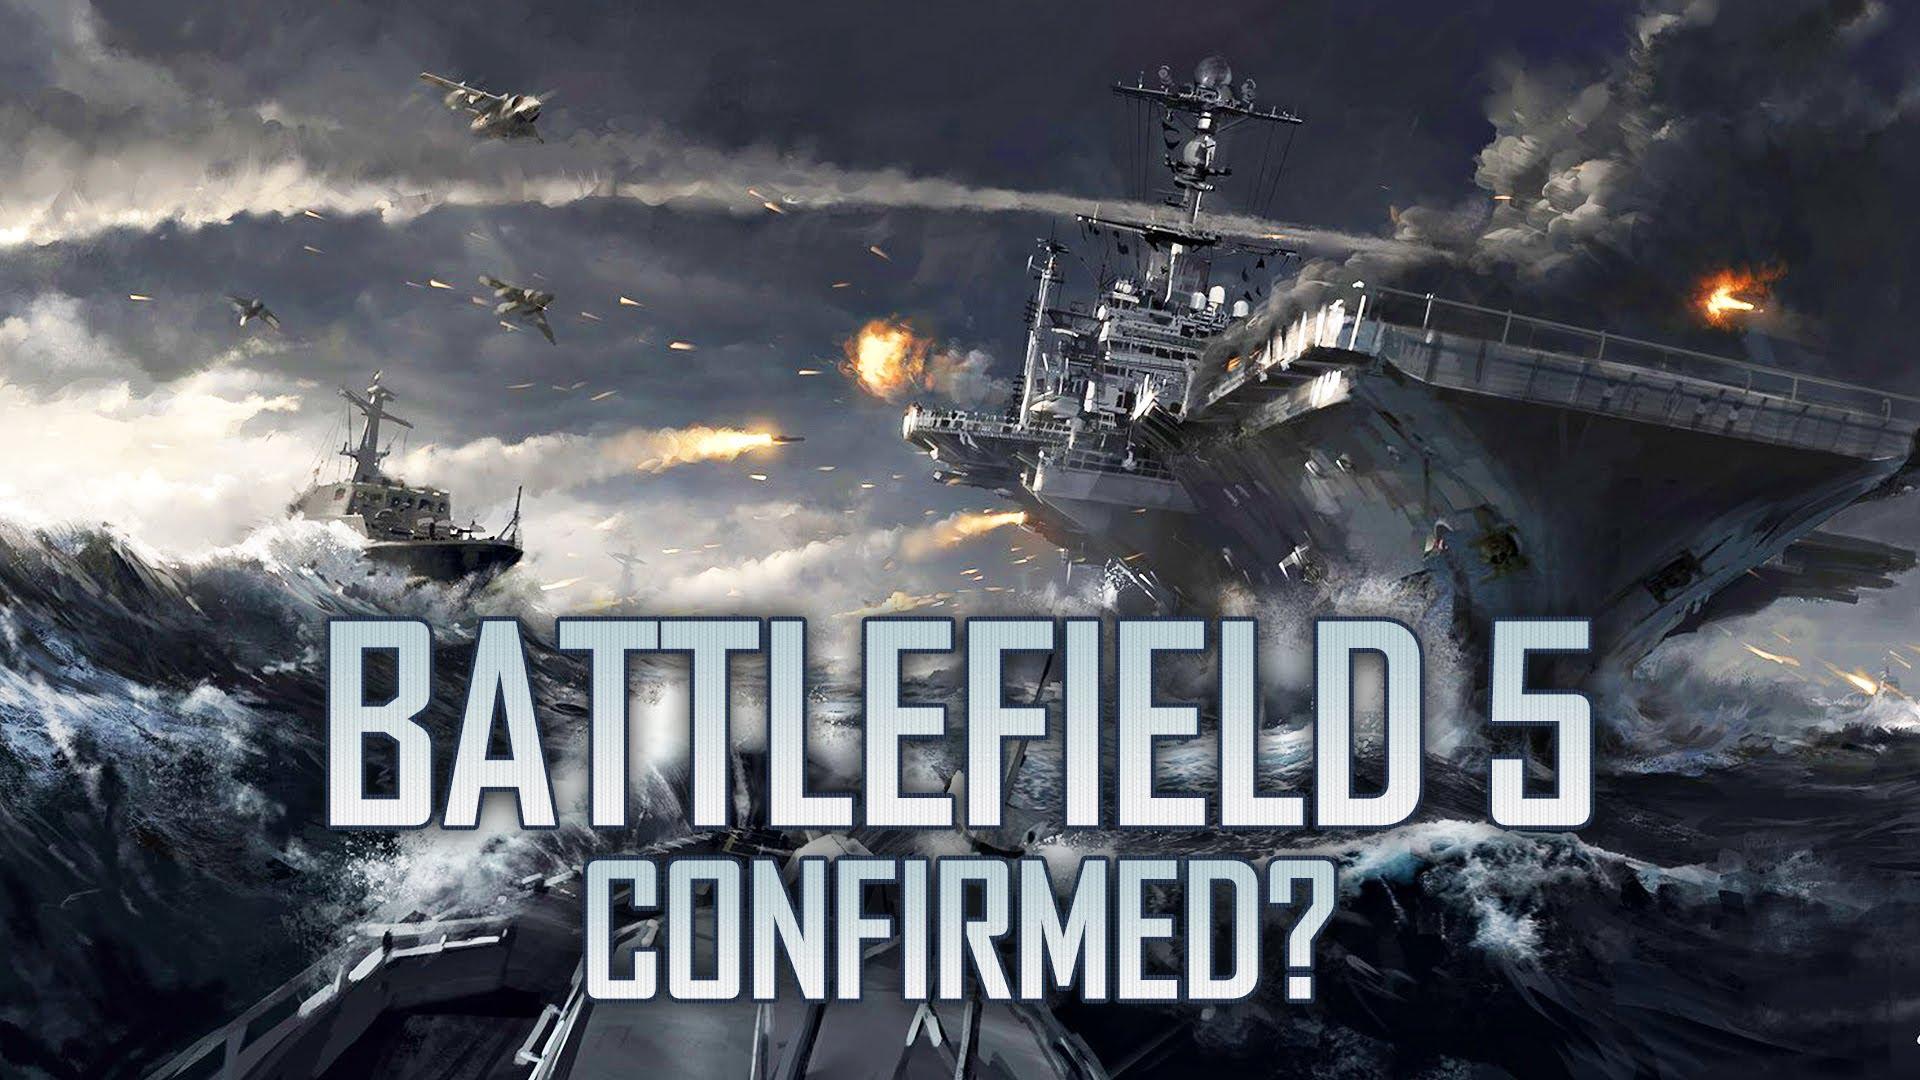 DICE Reveals Battlefield 4 - Gameplay Trailer Released